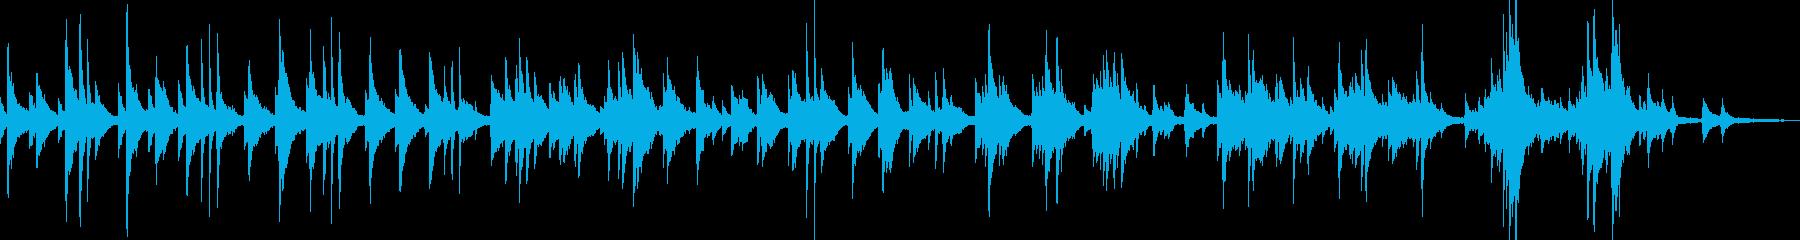 ゆったりとしたテンポのピアノソロ曲の再生済みの波形